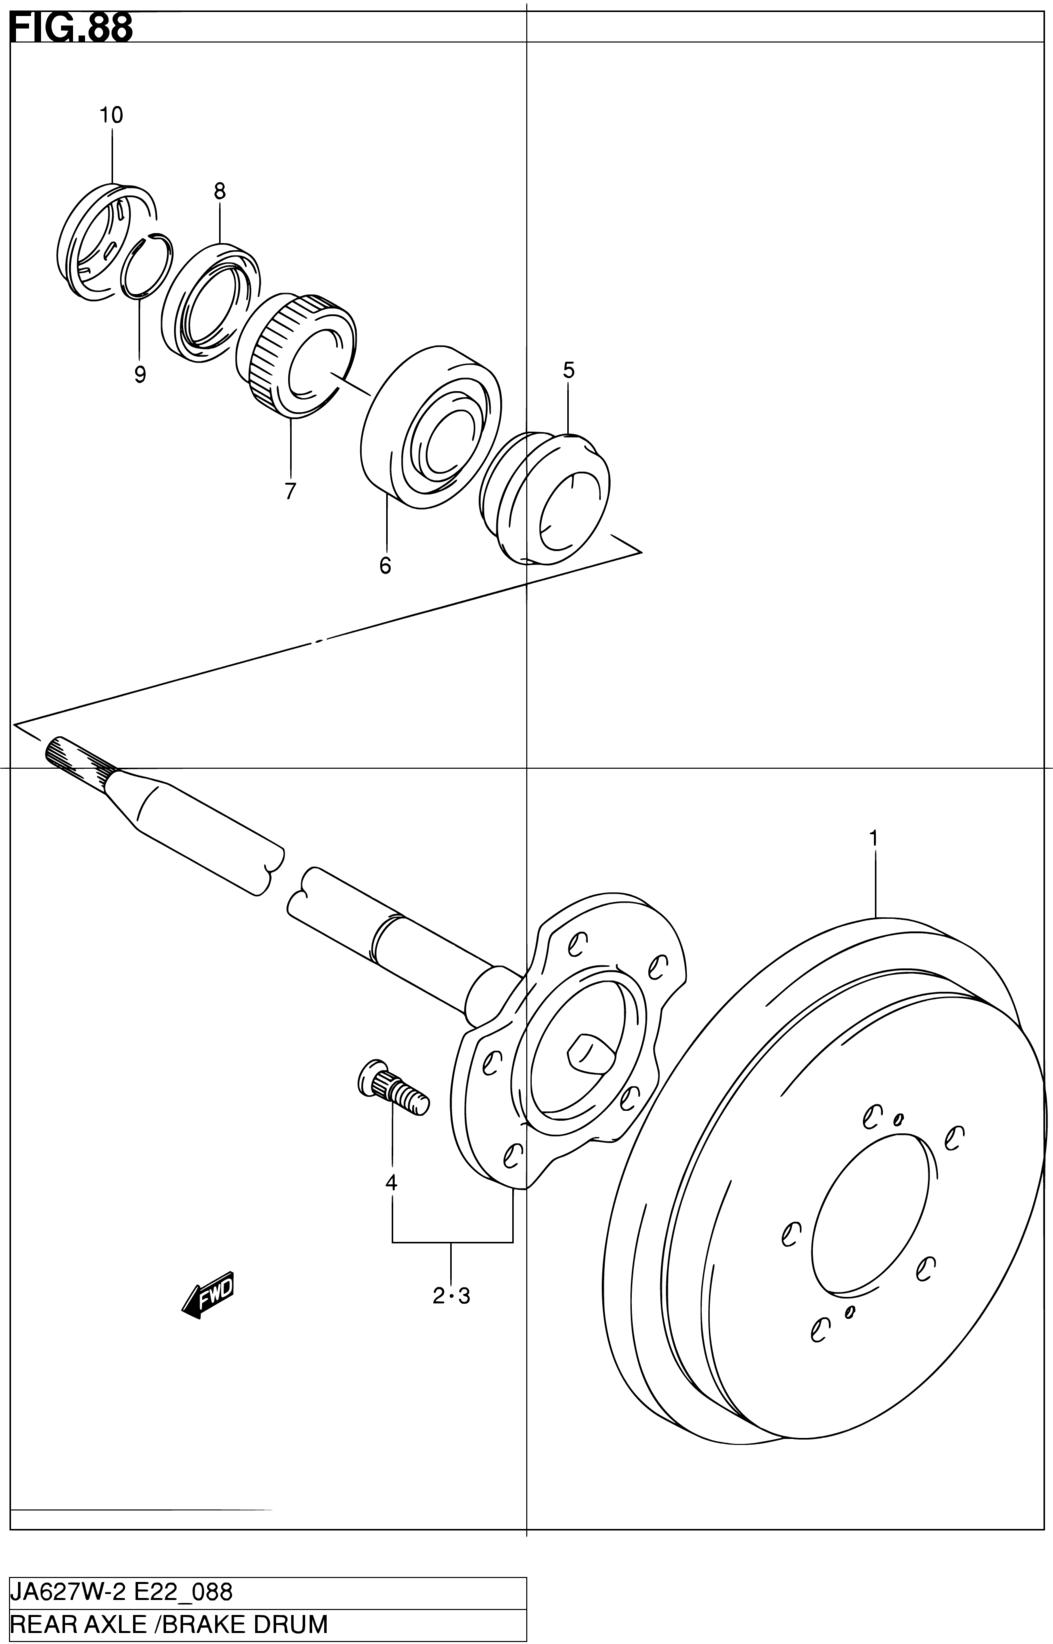 Fuse Box For 2007 Suzuki Xl7 | Wiring Liry  Wire Oxygen Sensor Wiring Diagram For An Suzuki Xl on